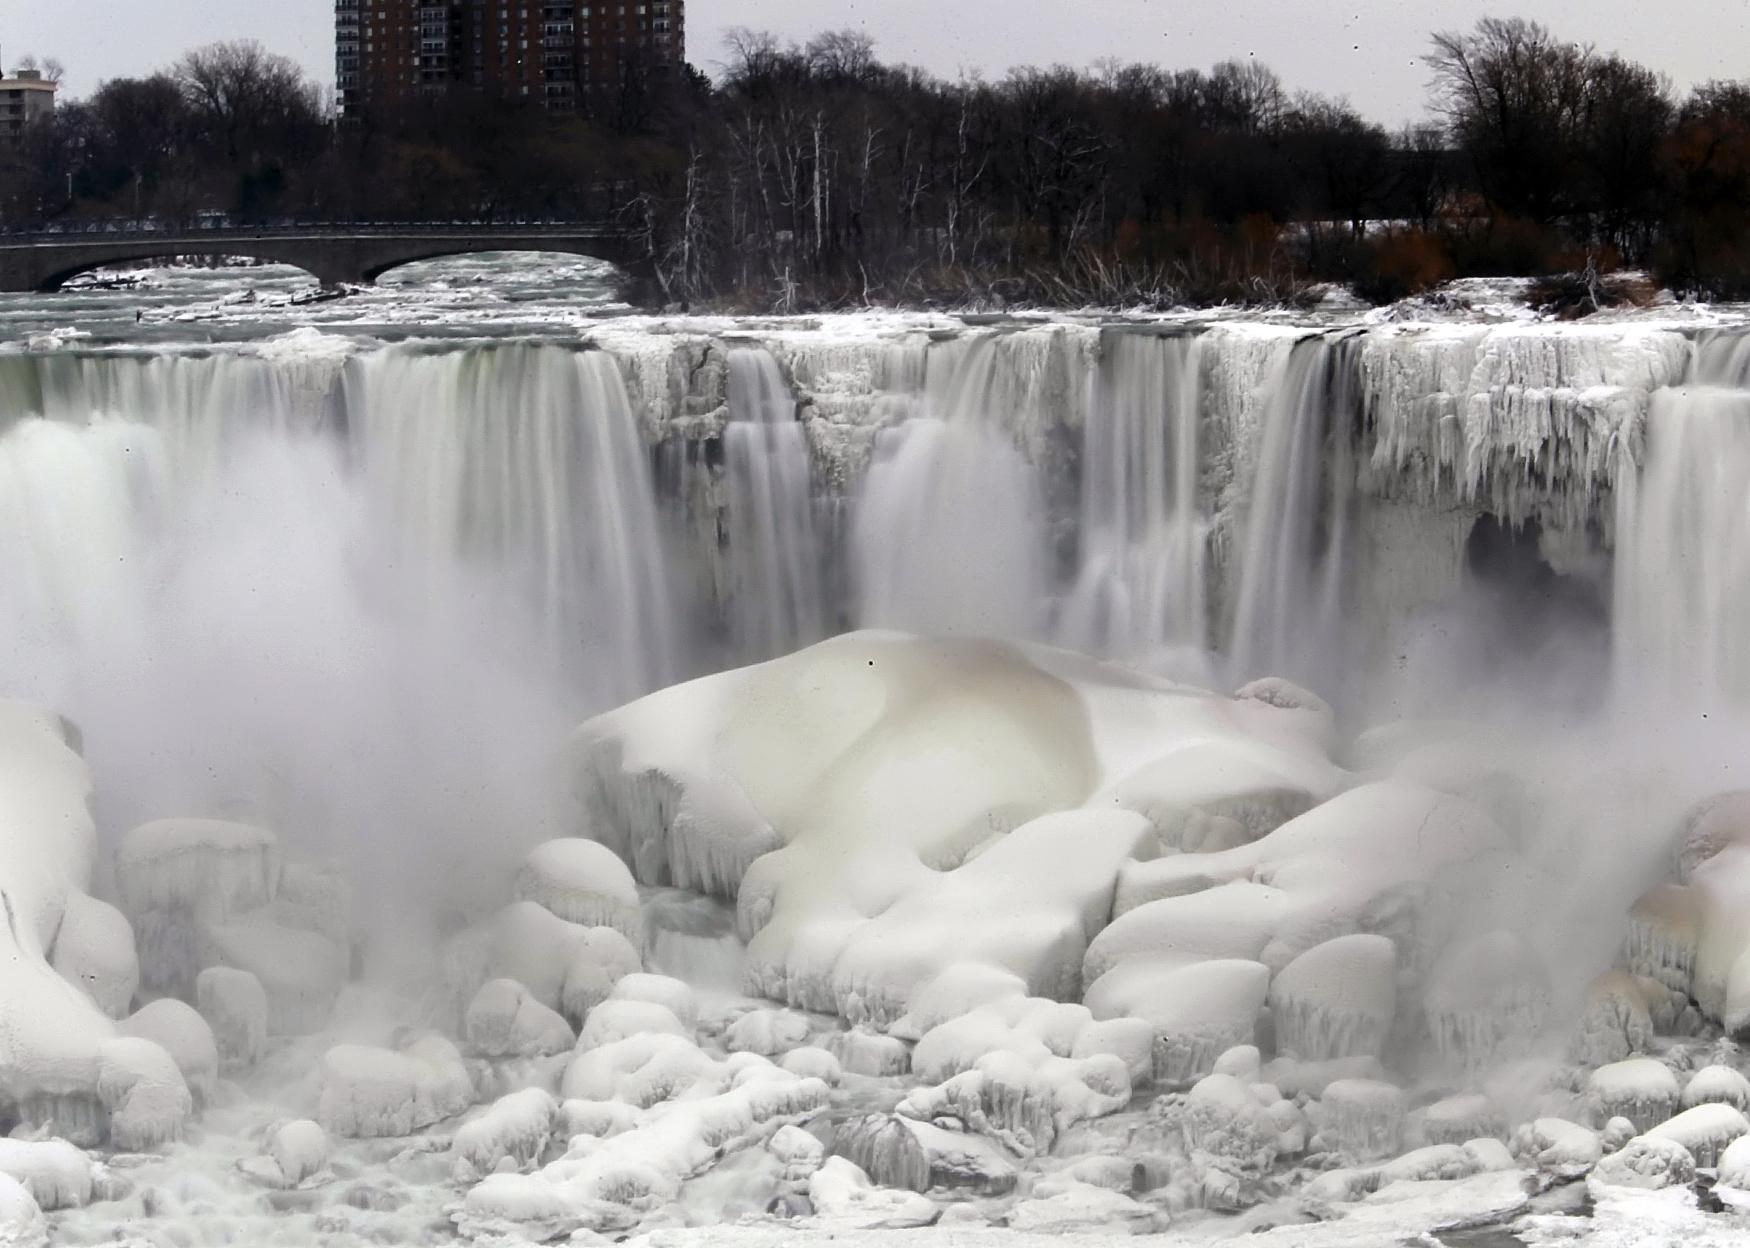 Photos Extreme Cold Transforms Niagara Falls Into Majestic